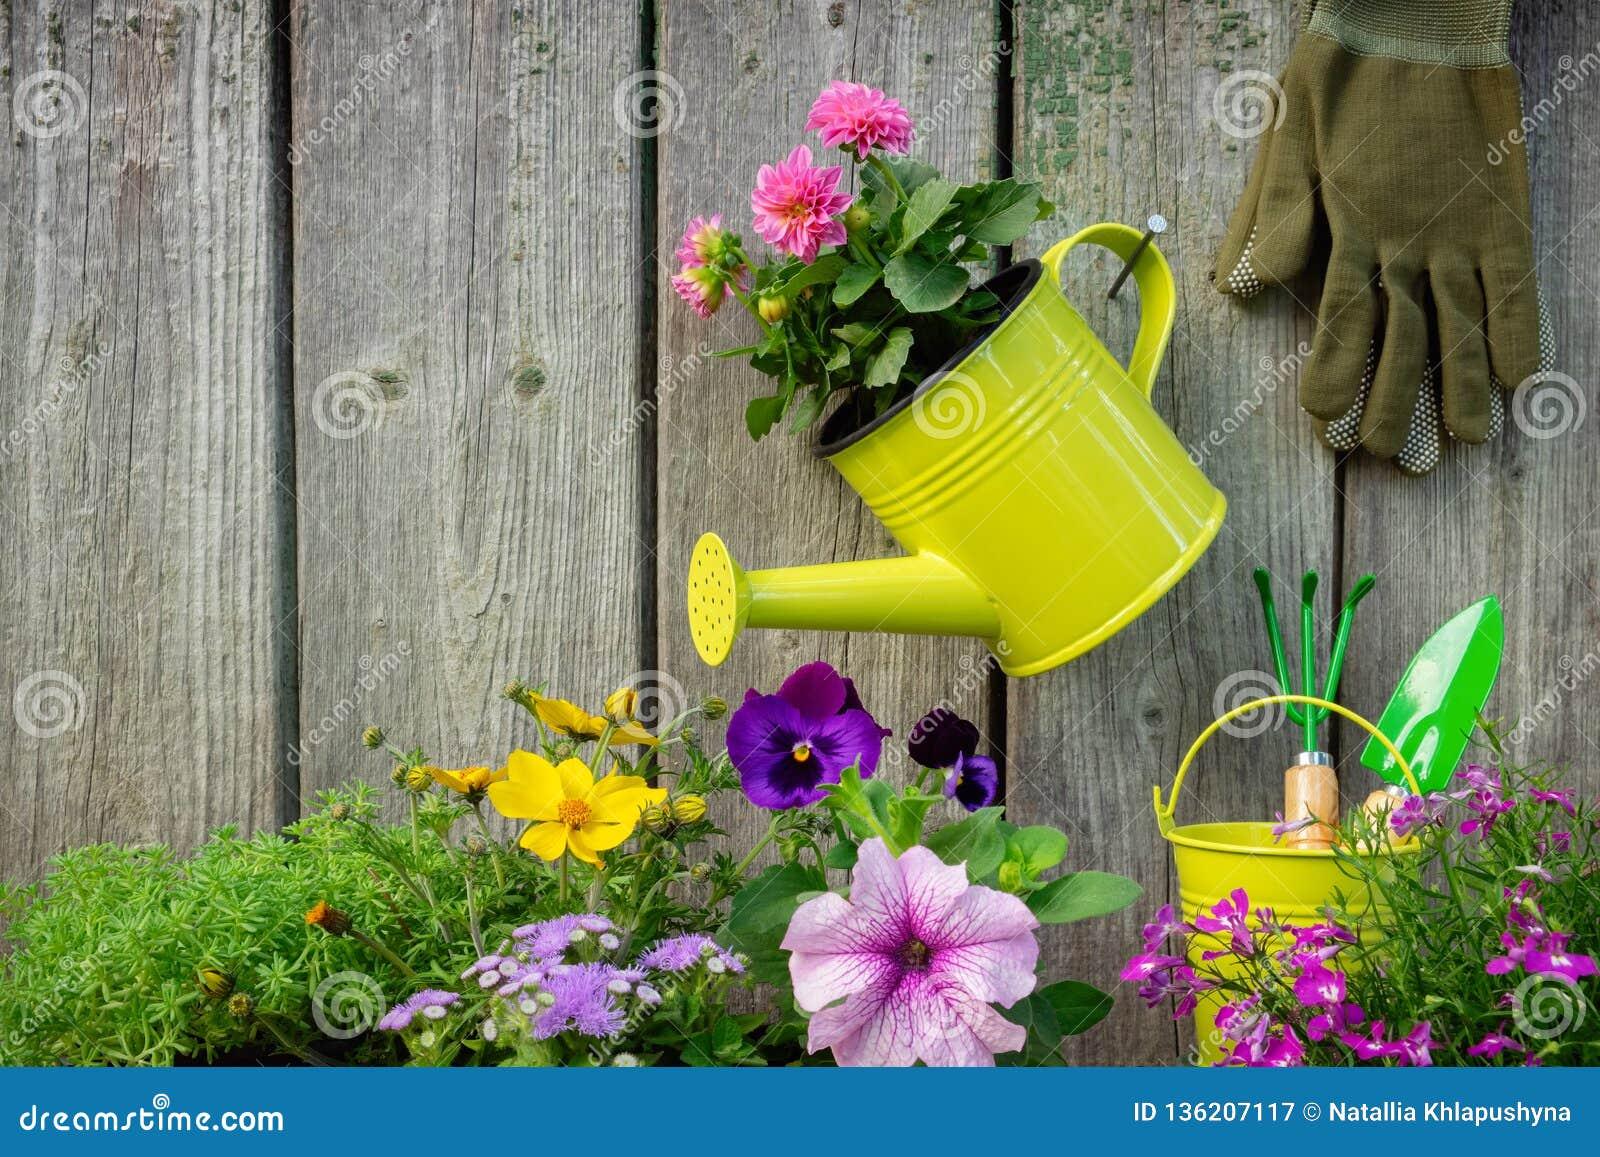 Plântulas de plantas e de flores de jardim em uns vasos de flores Equipamento de jardim: lata molhando, cubetas, pá, ancinho, luv